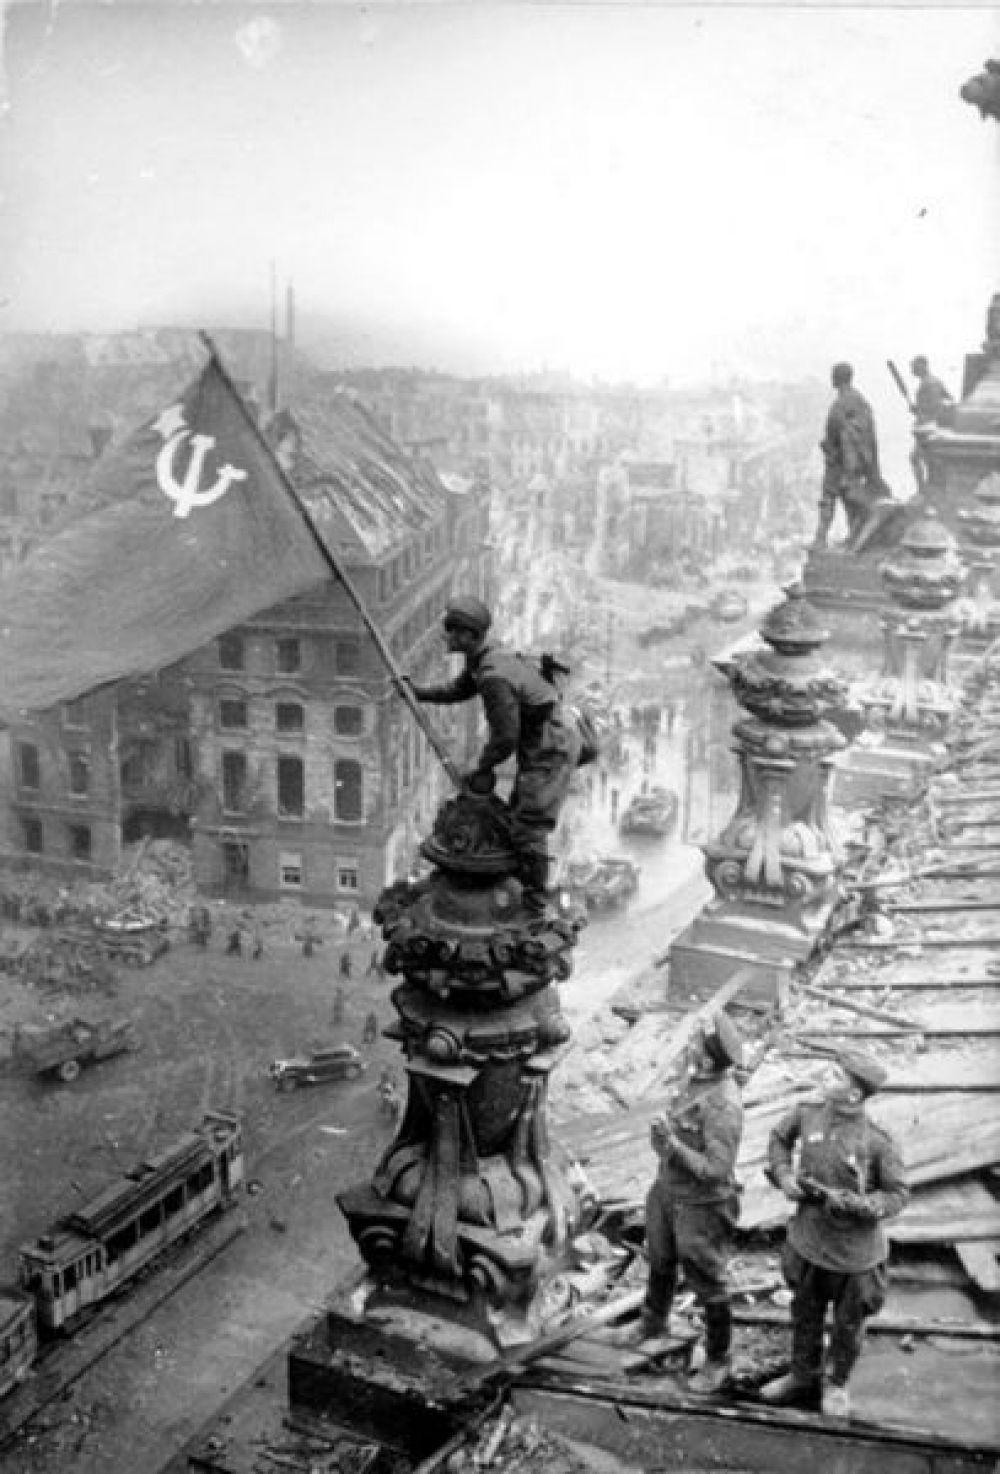 Весной 1945 года в пропагандистских целях было сделано фото водружения Знамени Победы над Рейхстагом. Берлин действительно был взят, однако растиражированный снимок был постановочным и сделан через пару дней после событий, которые якобы иллюстрирует.